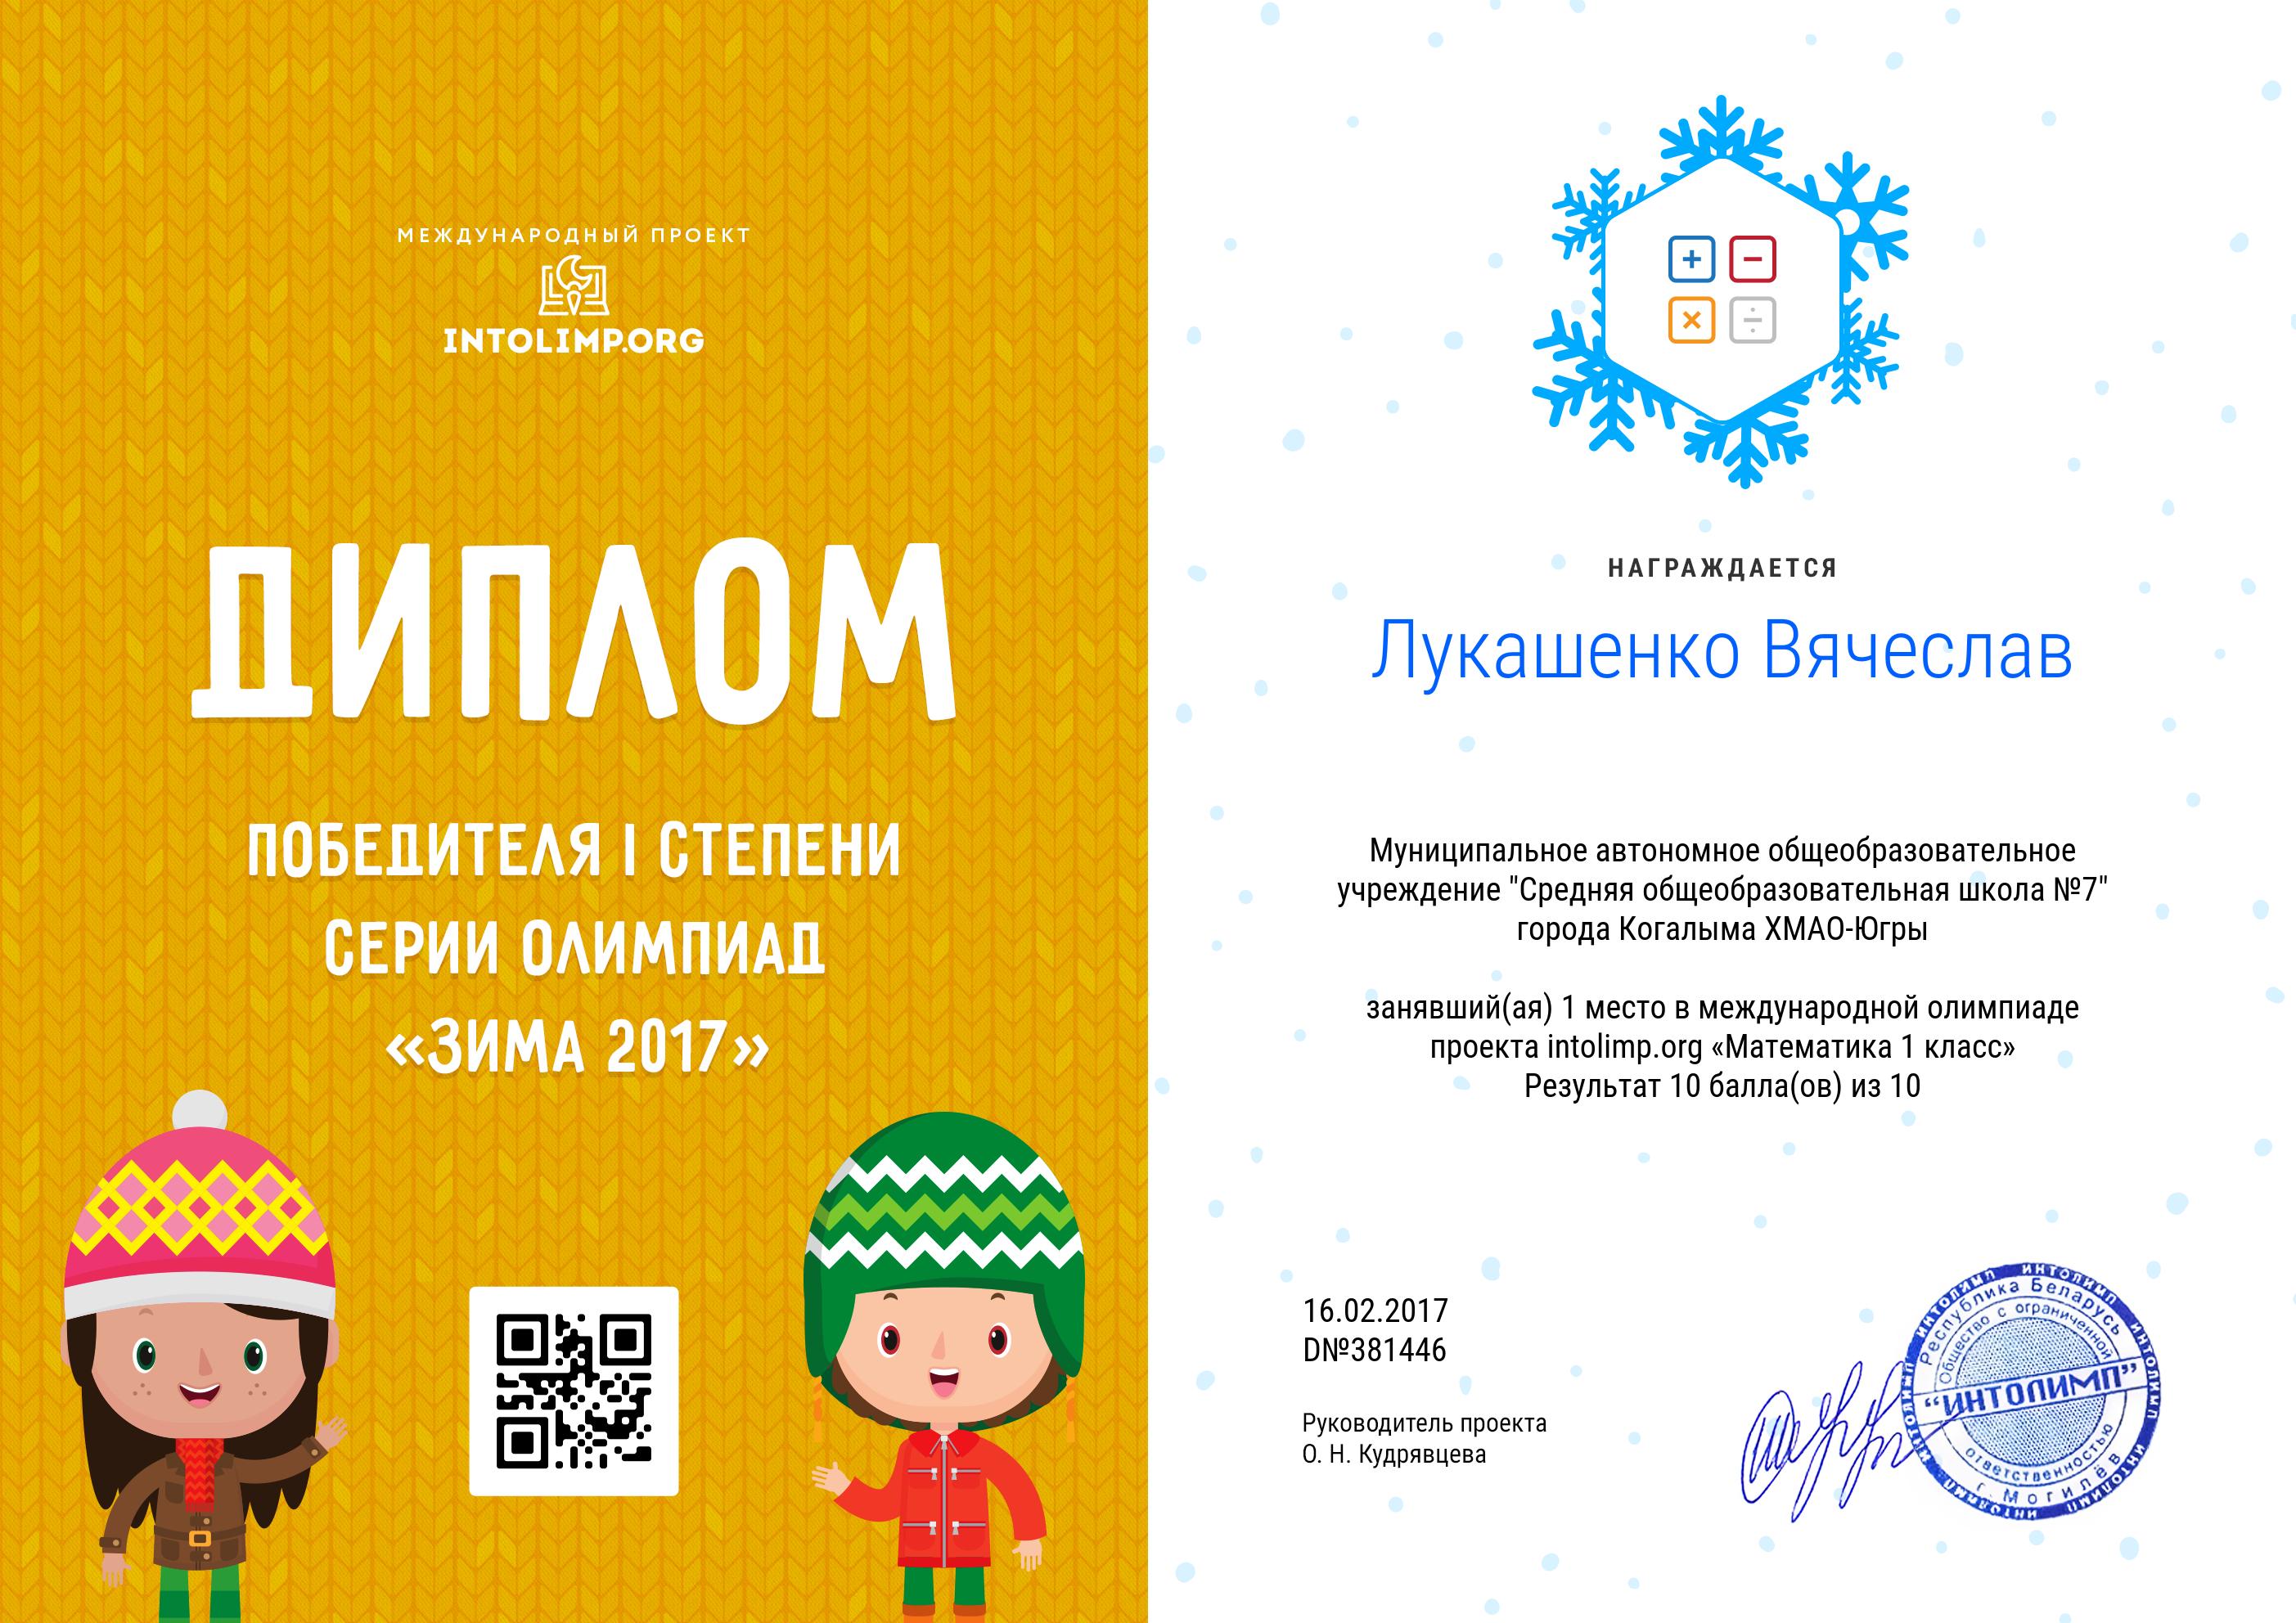 Результаты участия в олимпиадах Мой веб сайт Лукашенко Вячеслав Диплом победителя международной олимпиады проекта intolimp org математика 1 класс